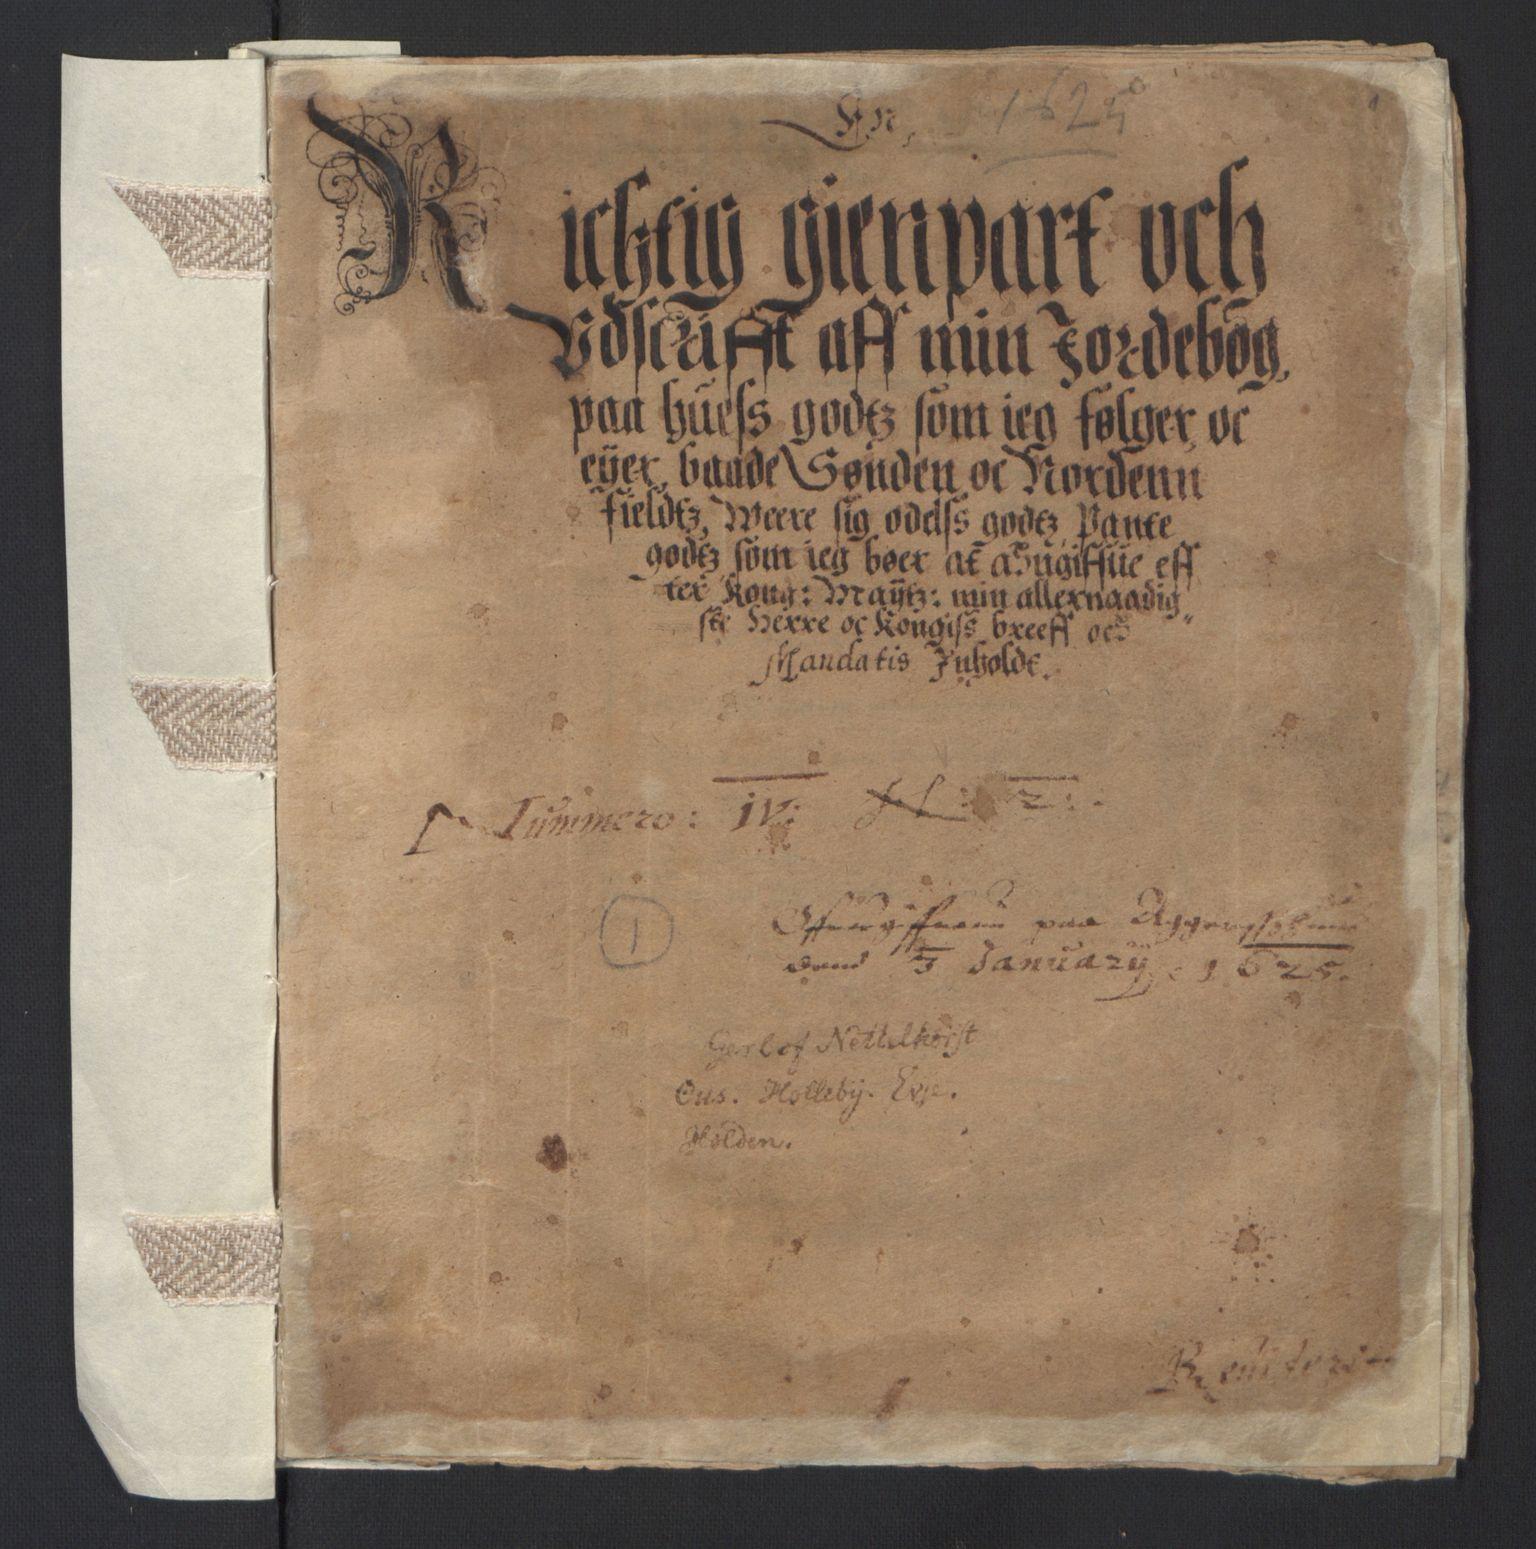 RA, Stattholderembetet 1572-1771, Ek/L0007: Jordebøker til utlikning av rosstjeneste 1624-1626:, 1624-1625, s. 115